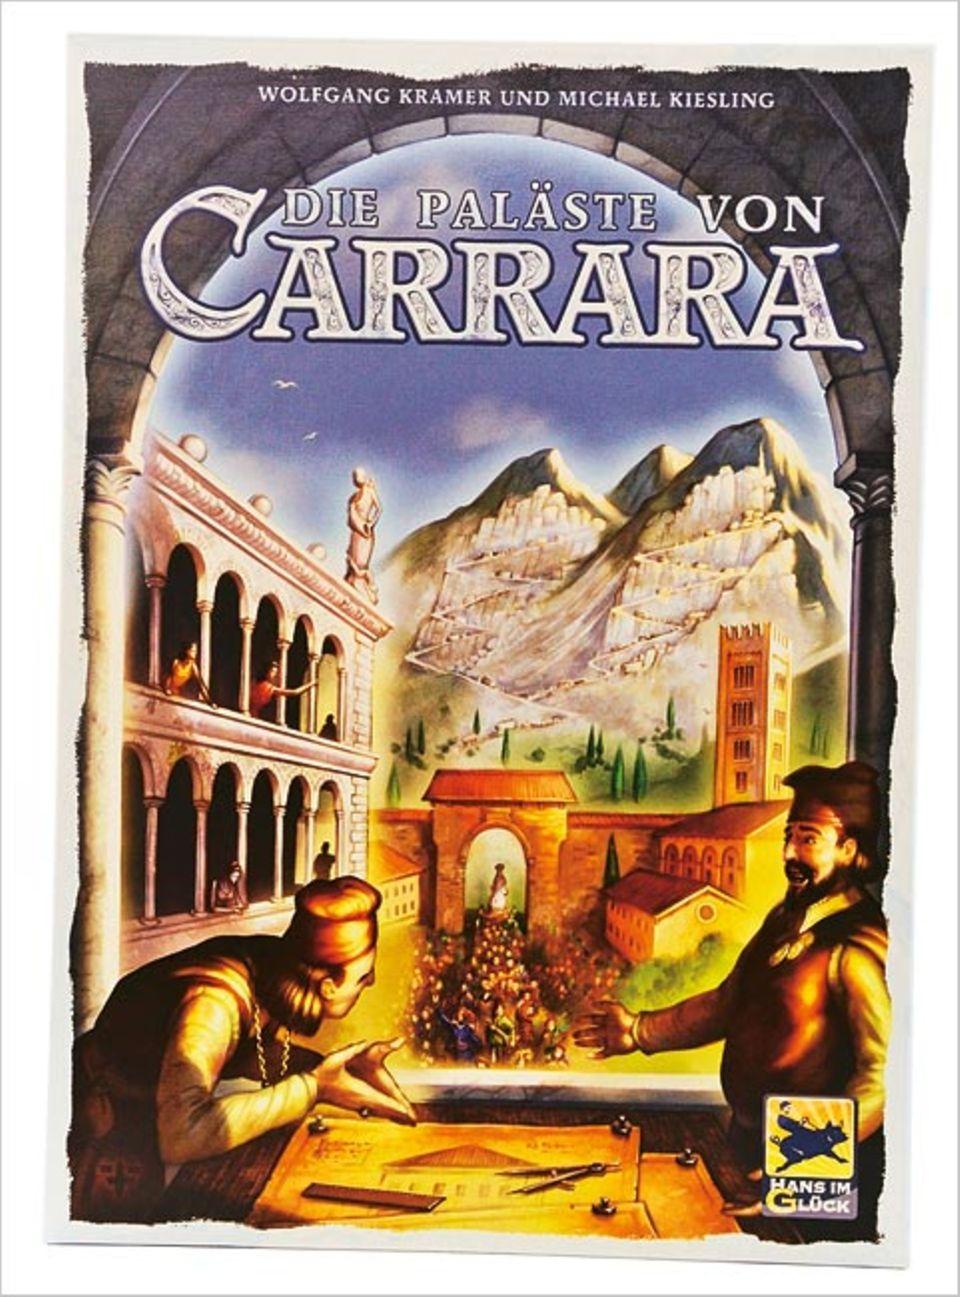 Brettspiel: Spieltipp: Die Paläste von Carrara